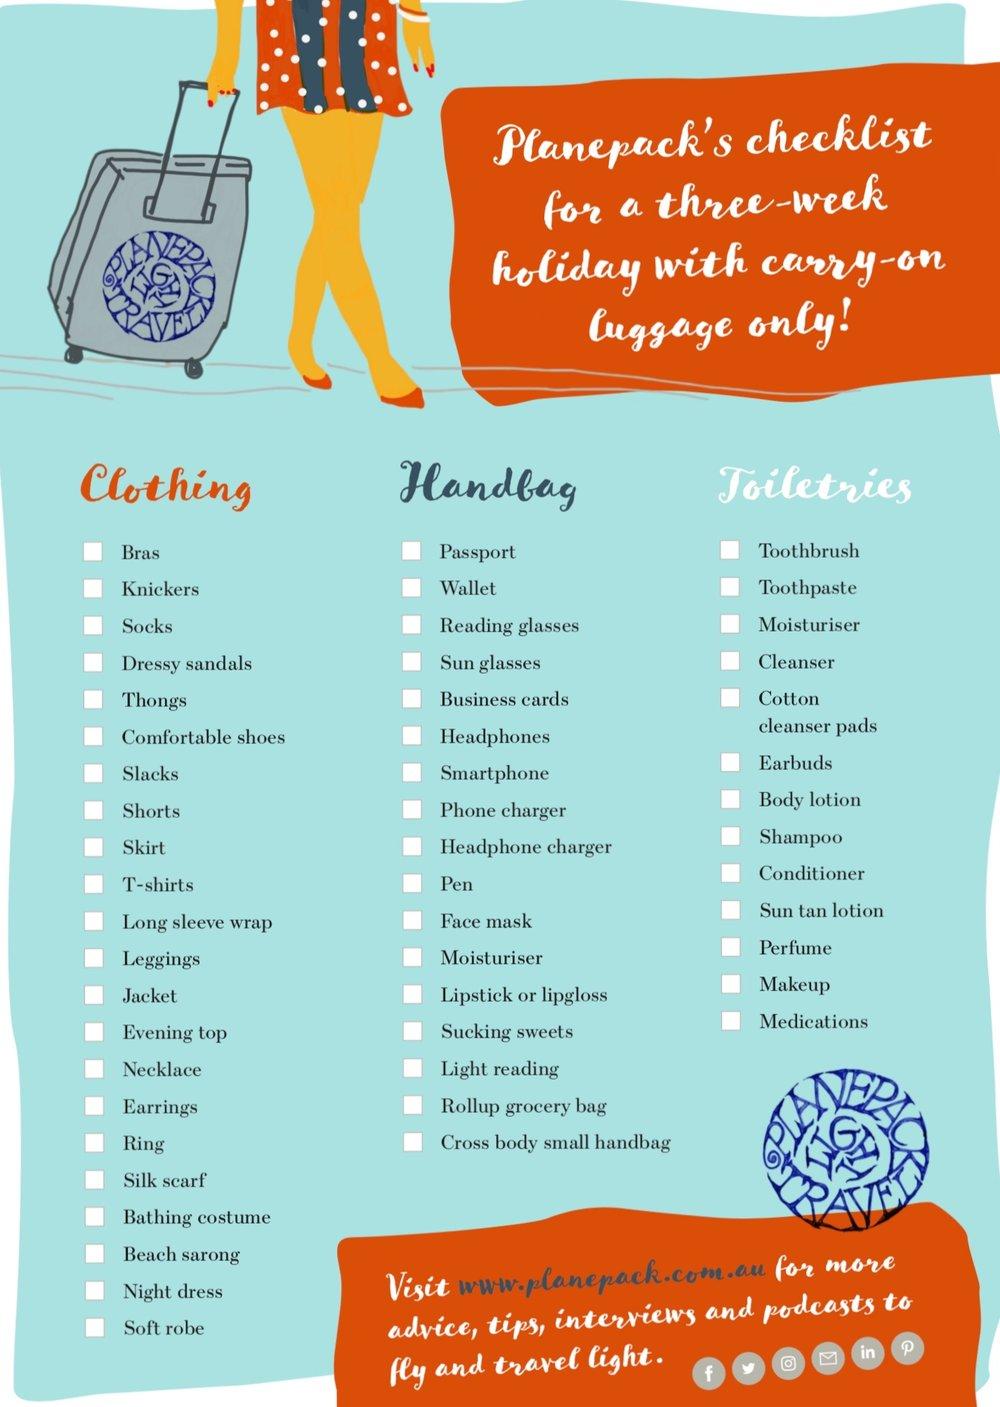 Planepack checklist